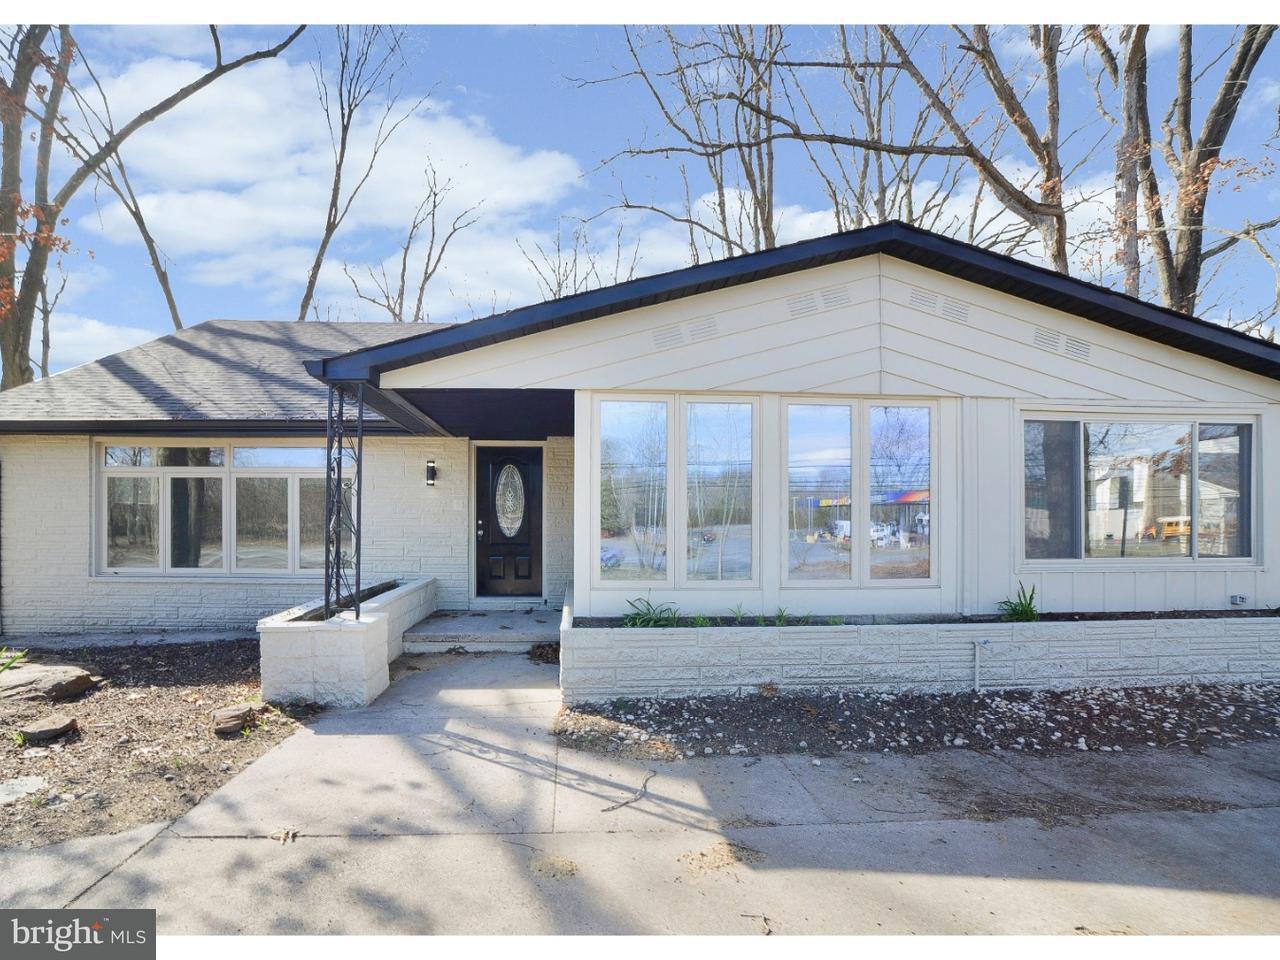 独户住宅 为 销售 在 1523 ROUTE 206 Tabernacle Twp, 新泽西州 08088 美国